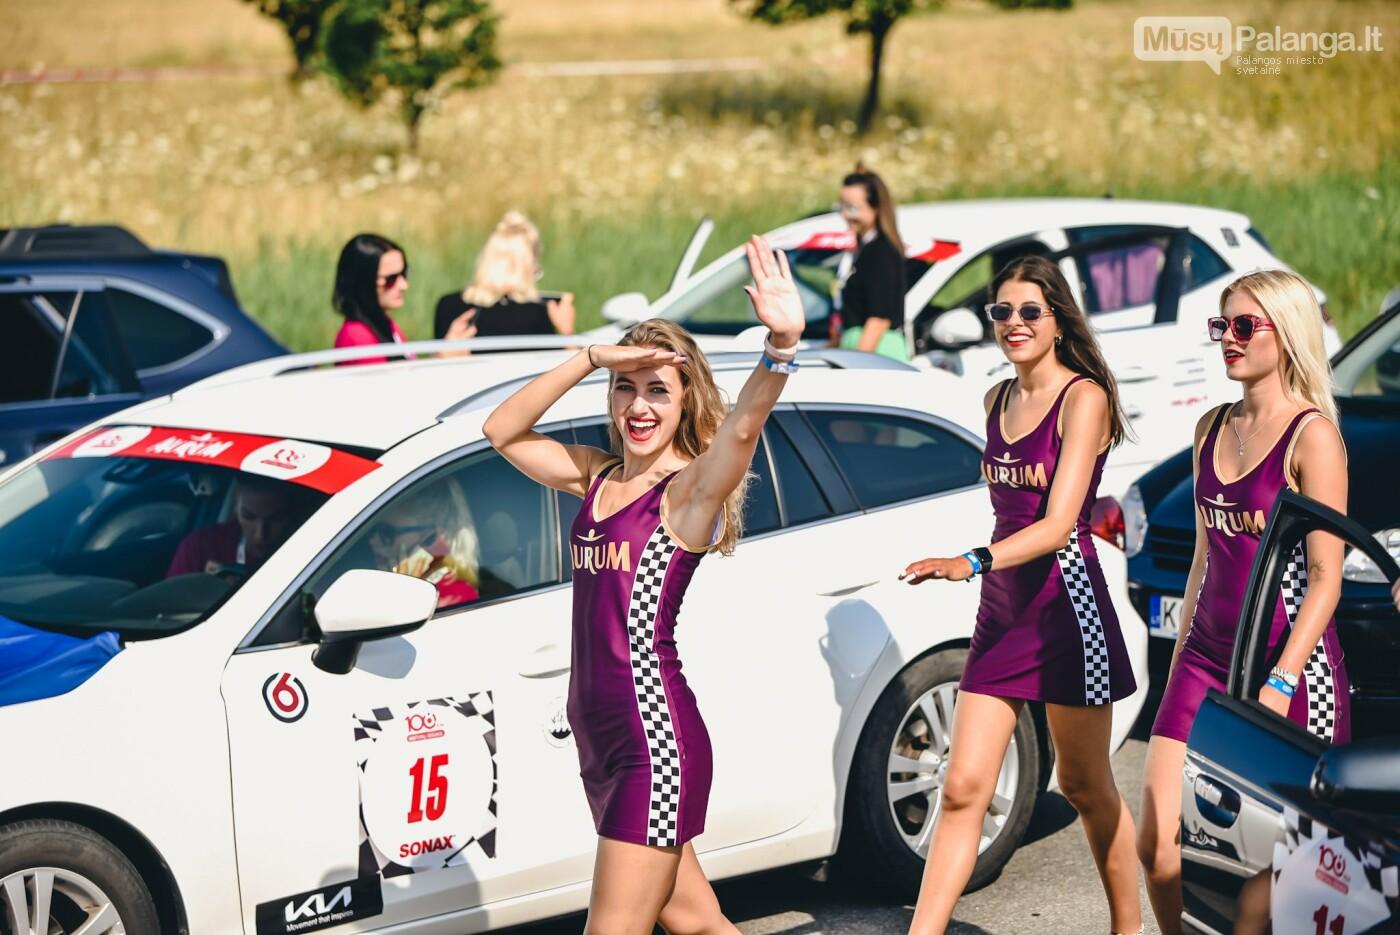 Žiūrovus žavėjo kilometrinė moterų iššūkio dalyvių kolona, nuotrauka-13, Vytauto PILKAUSKO ir Arno STRUMILOS nuotraukos